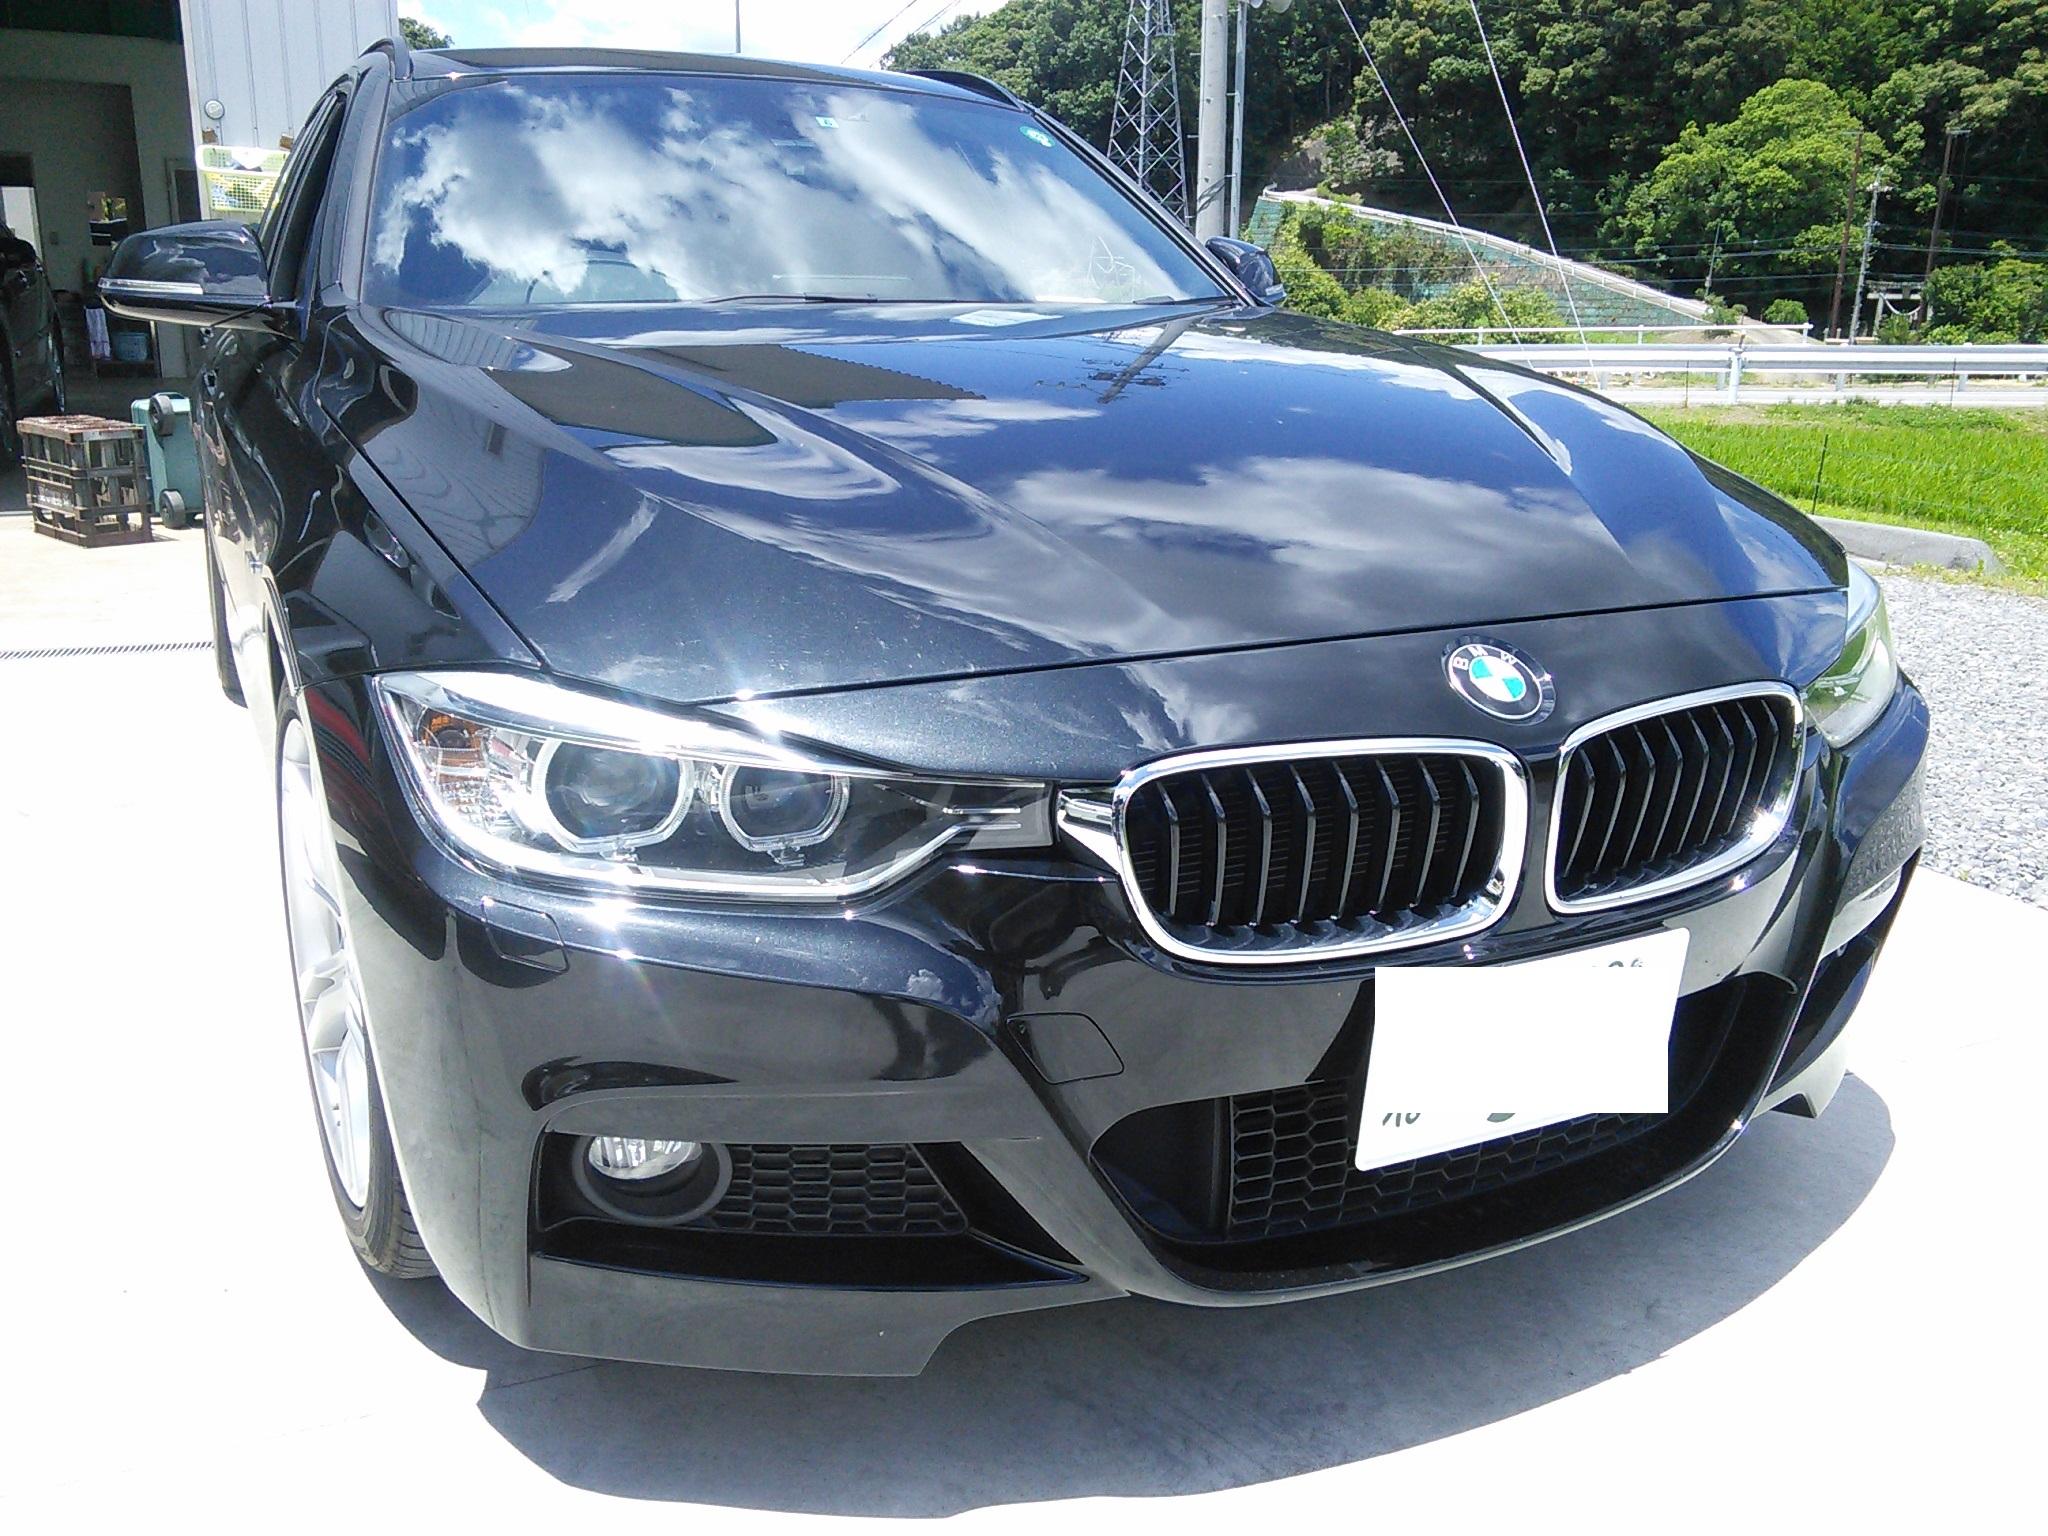 BMW F31 車検整備 ナビ更新 F11リヤパッド交換(電子パーキング付き)診断機必須